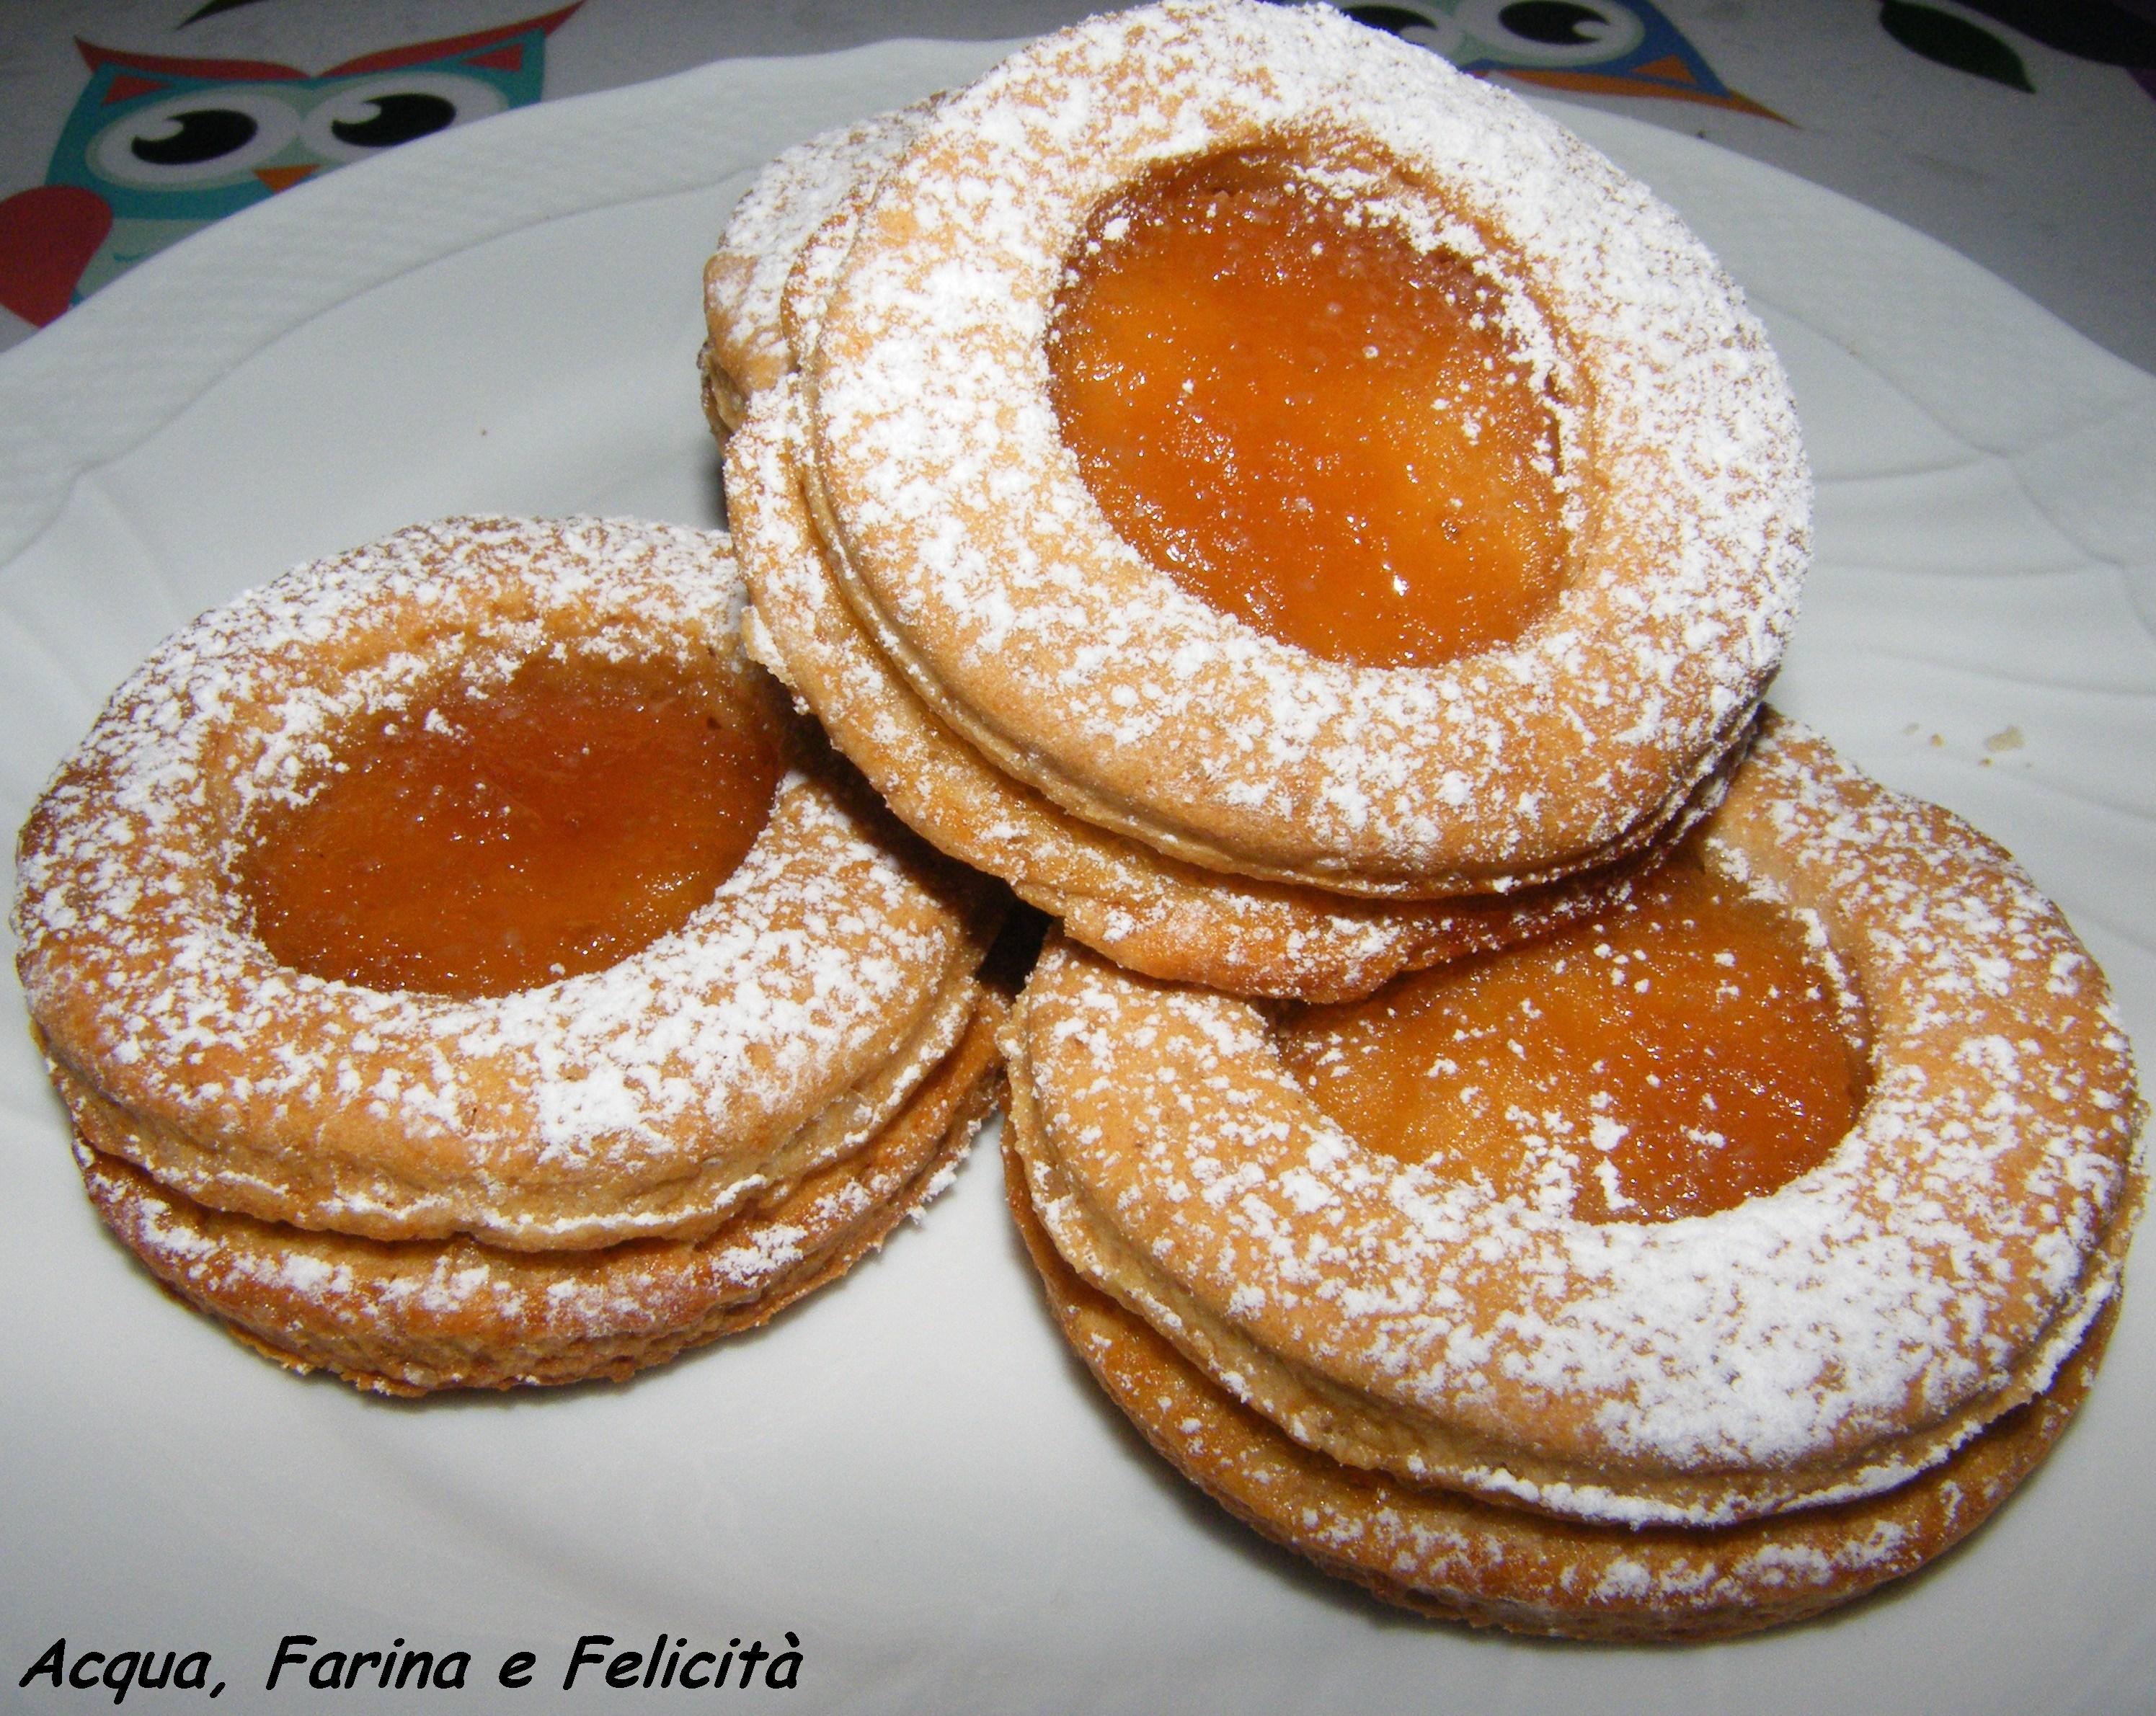 Favorito Biscotti Occhio di Bue Vegan | Acqua, Farina e Felicità ID17